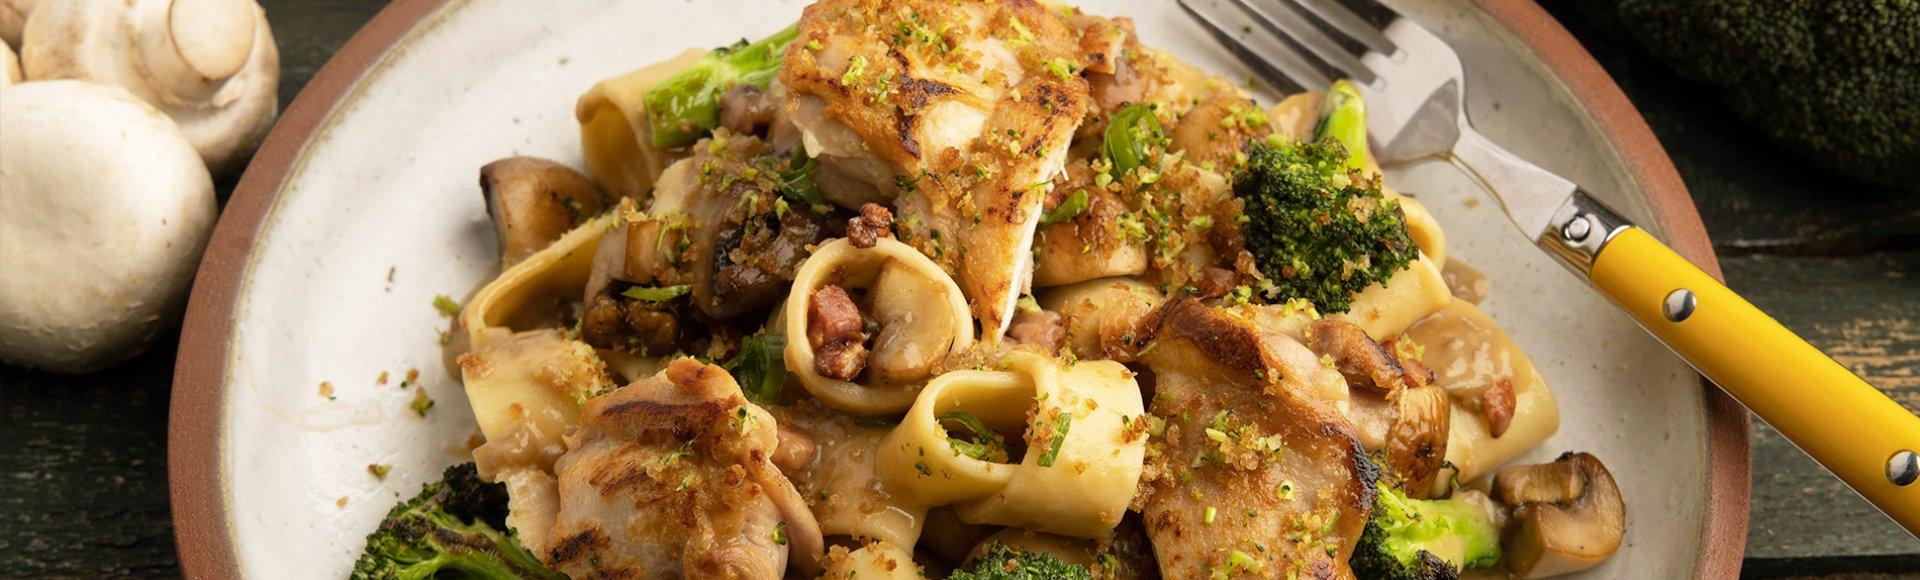 Ζυμαρικά με κοτόπουλο και μανιτάρια